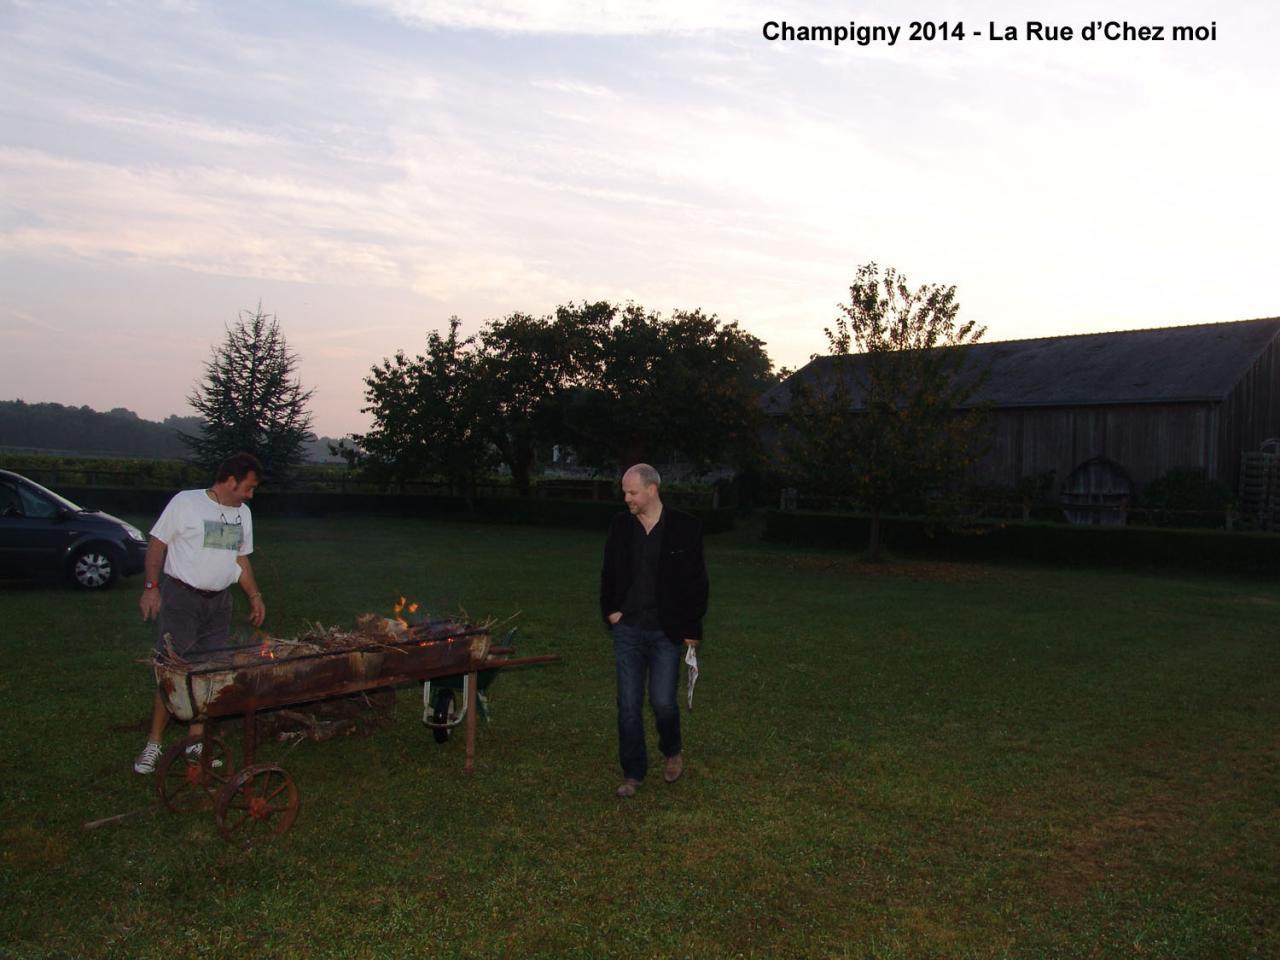 Foulées du Champigny 2014